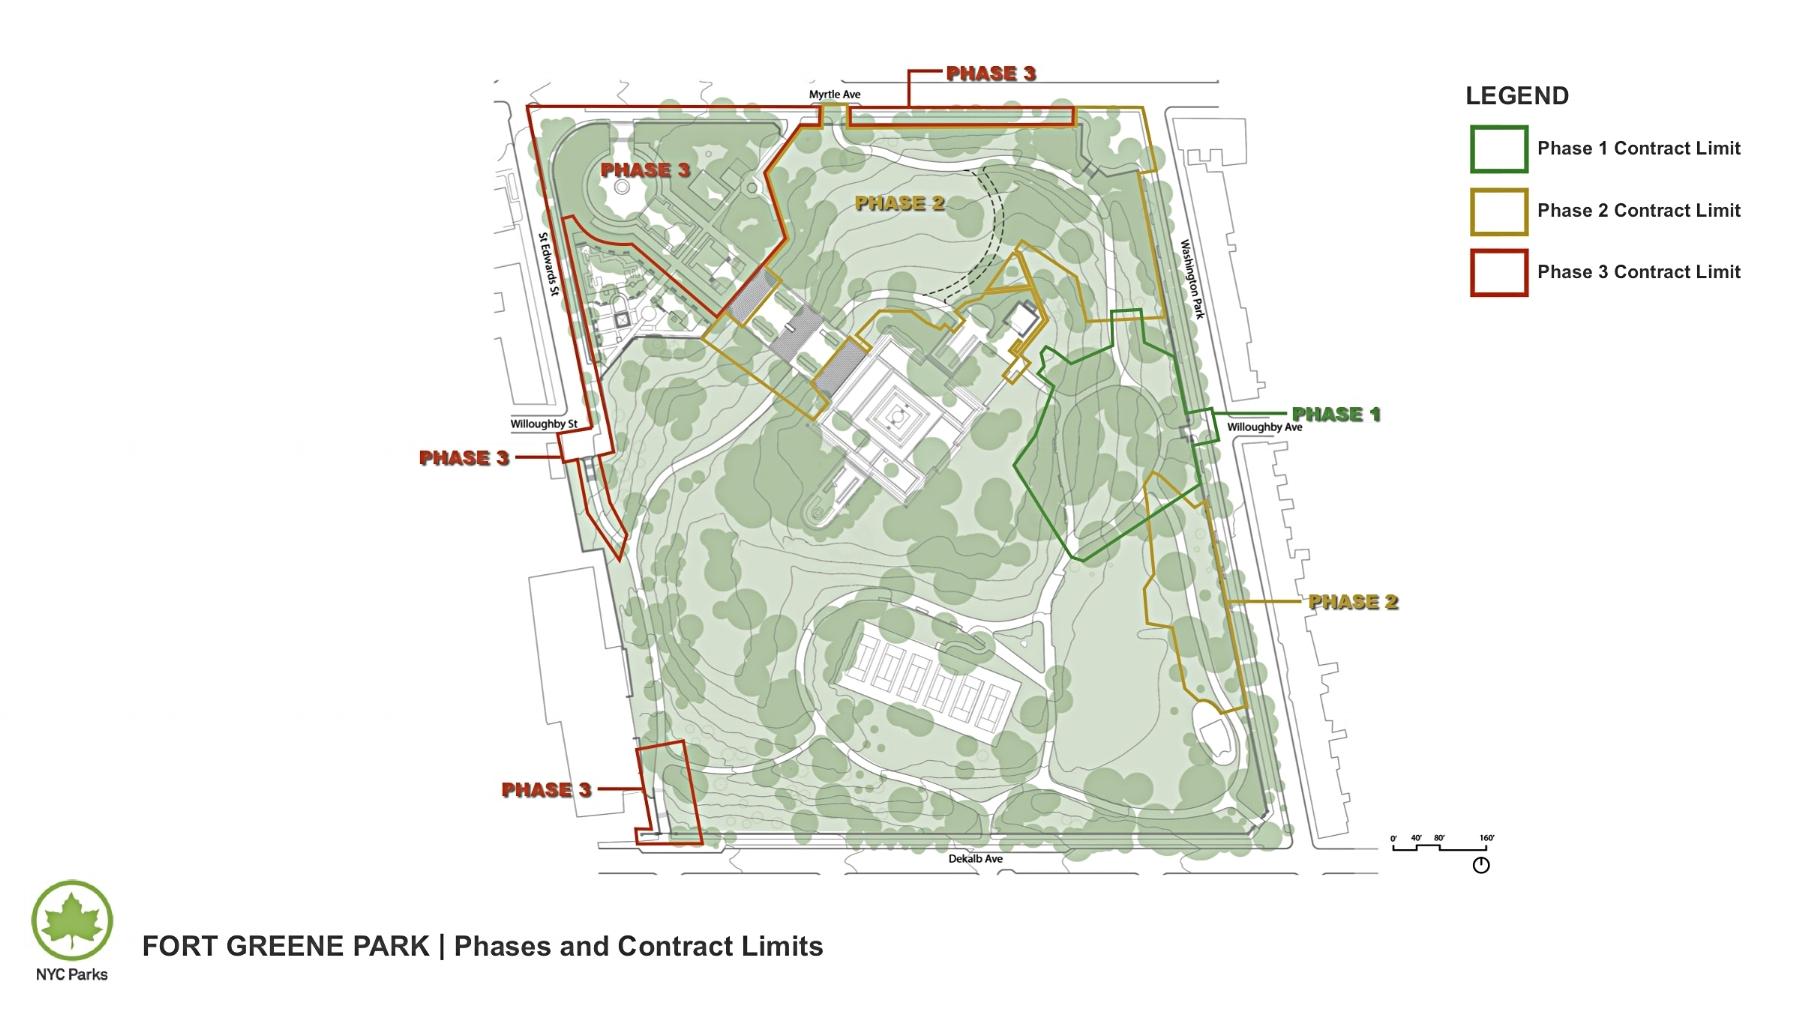 Fort Greene Park Phases_8.22.18.jpg